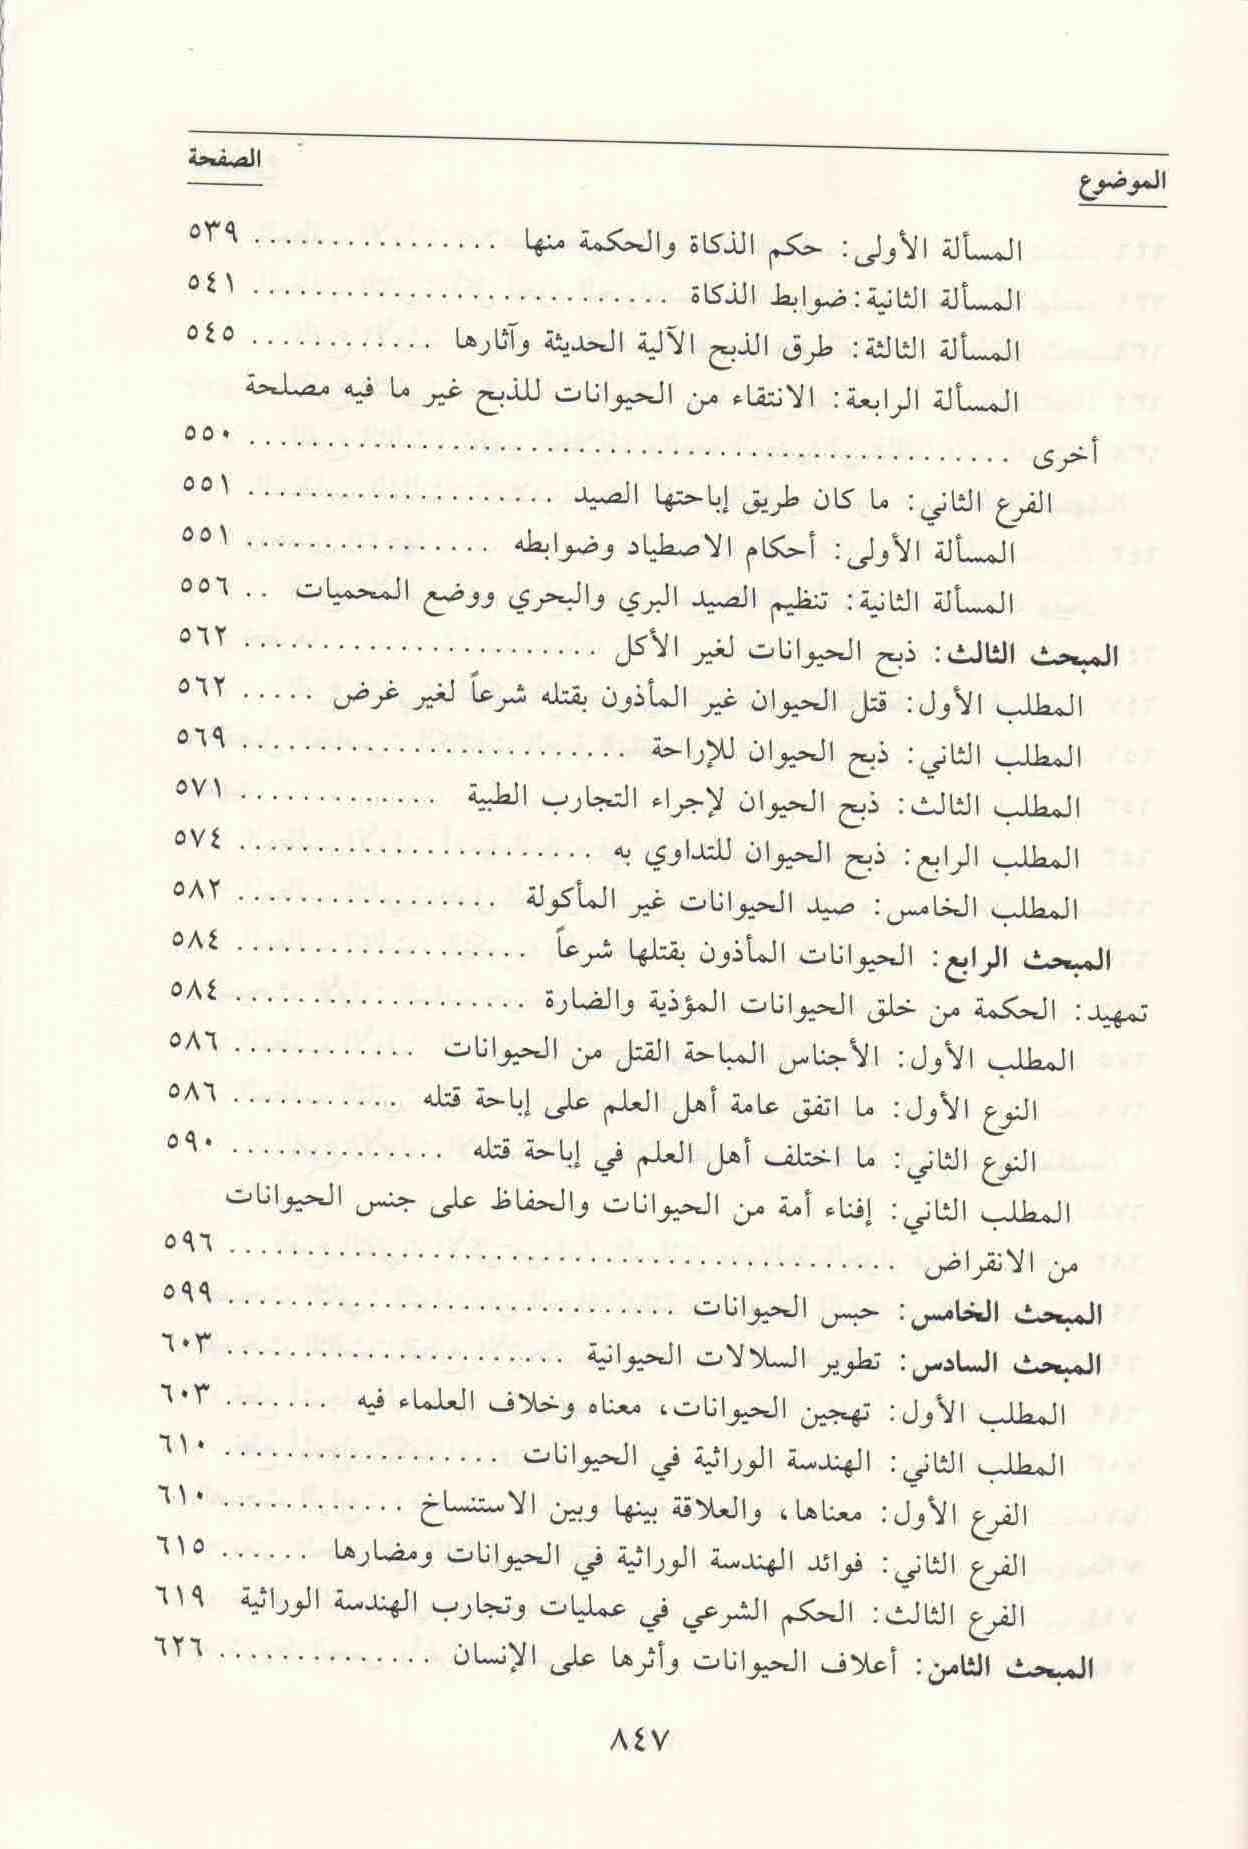 ص 847 محتويات كتاب أحكام البيئة